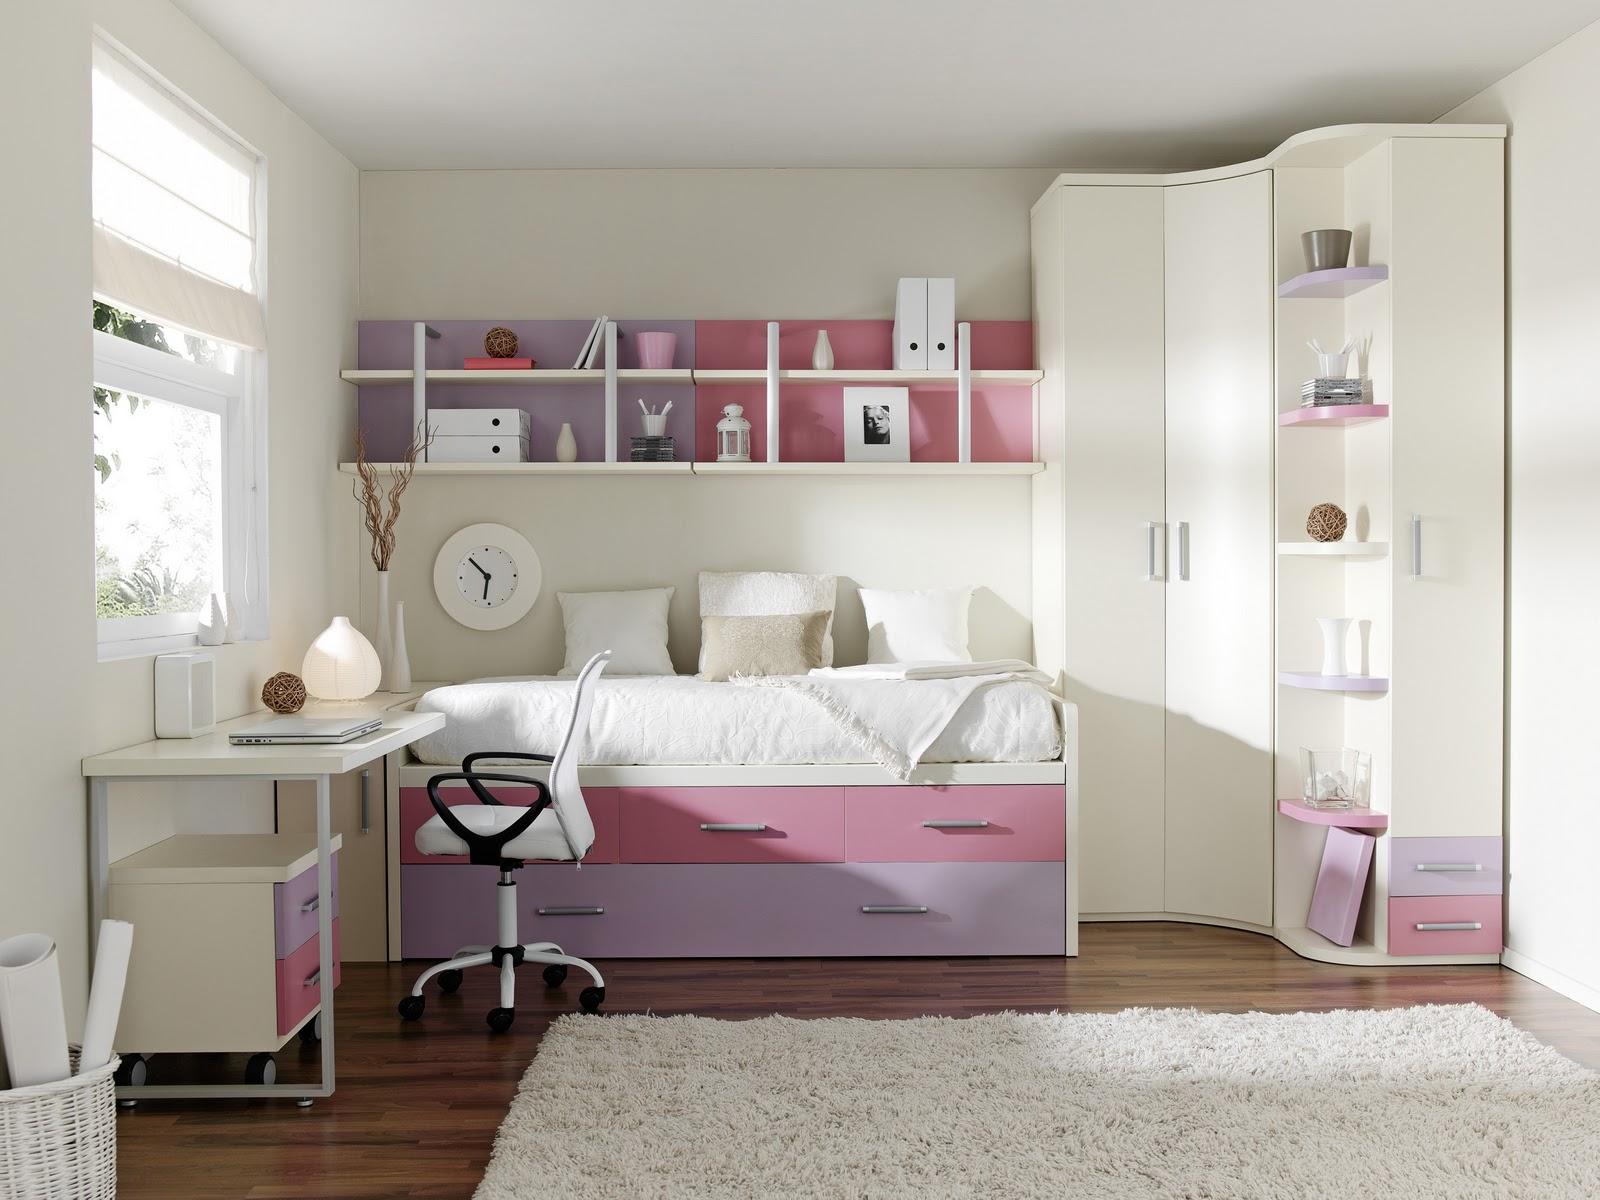 Bianchi muebles dormitorios juveniles valencia - Muebles infantiles para habitaciones pequenas ...